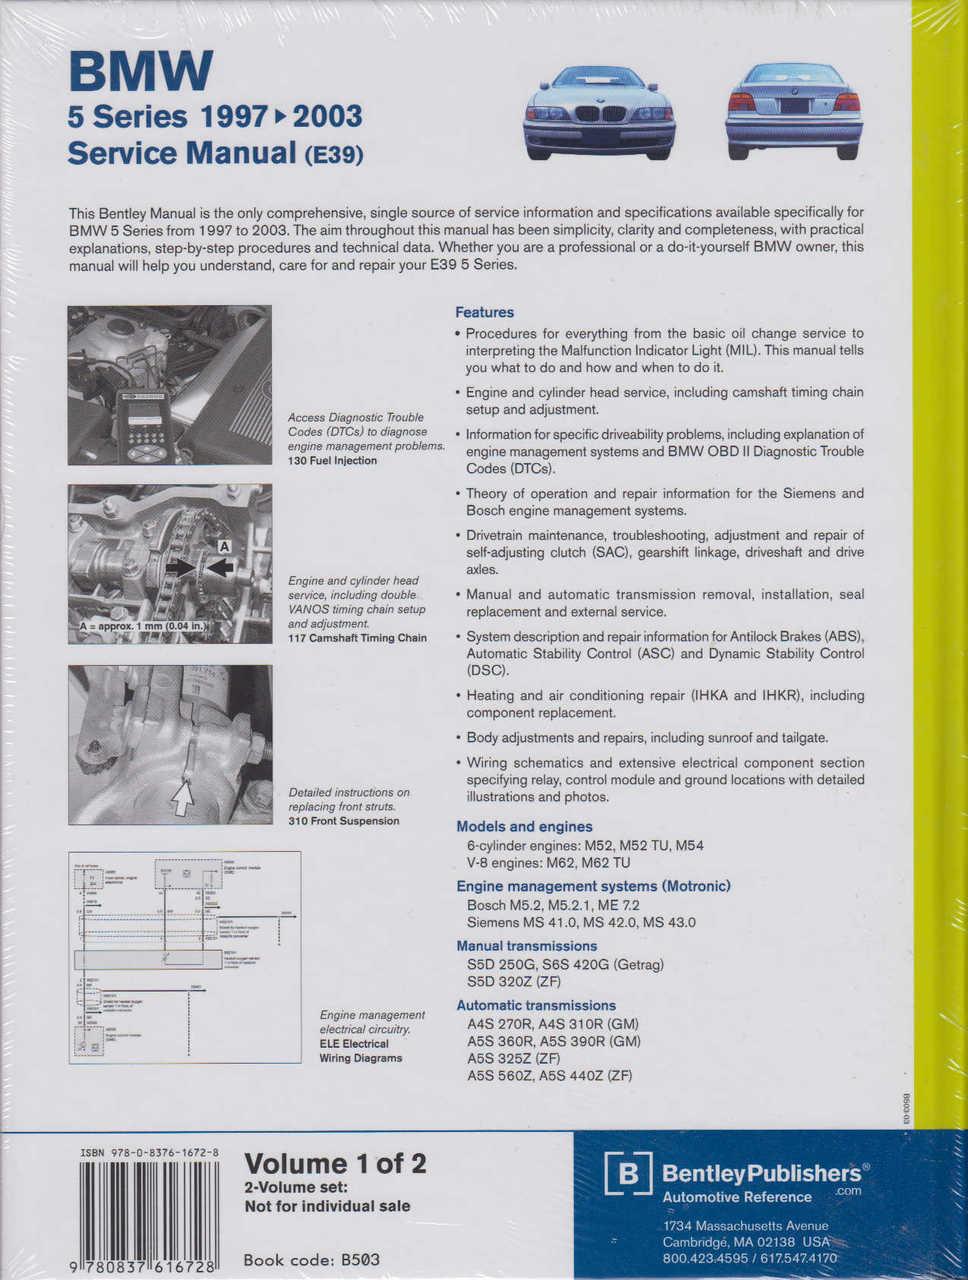 bmw e39 wiring diagram manual [ 968 x 1280 Pixel ]